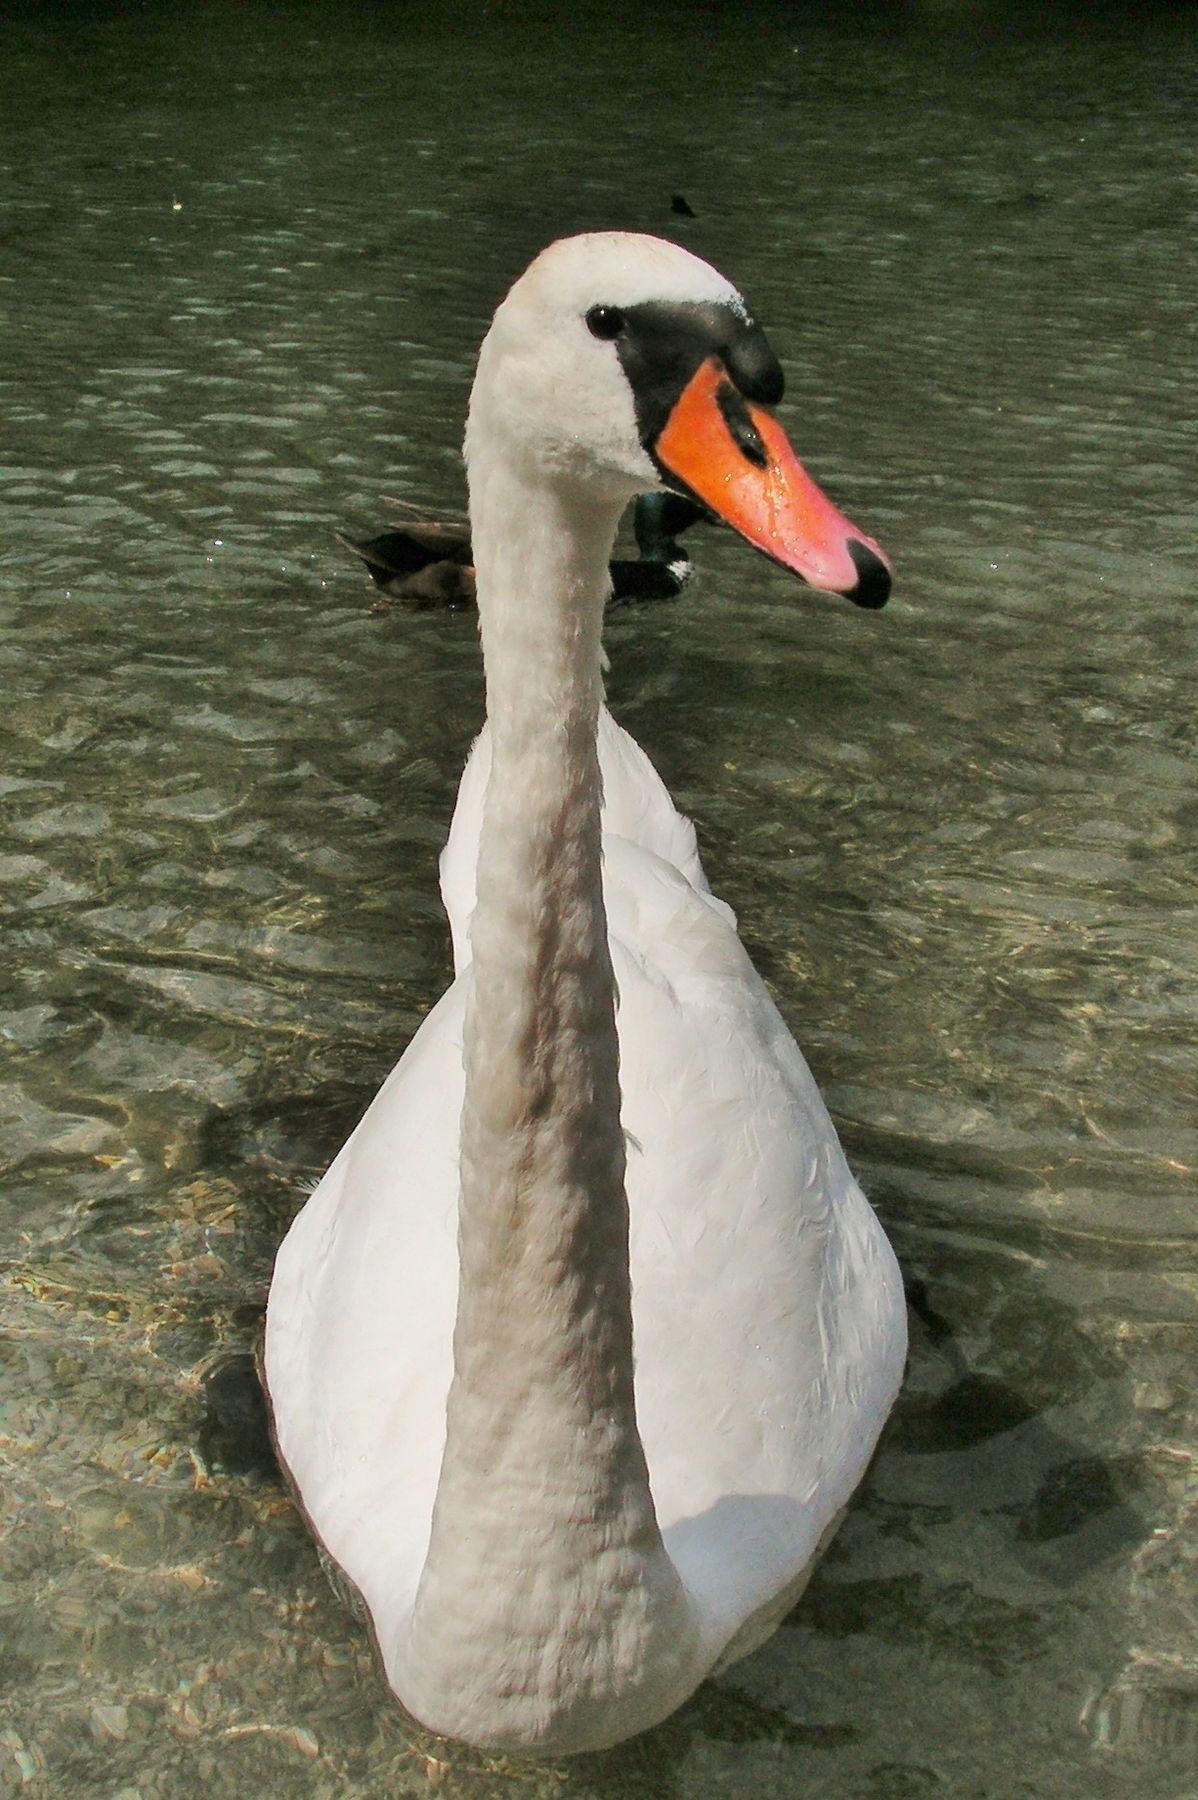 Лебедь-шипун лебедь лебедь-шипун птица mute swan cygnus olor bird waterfowl